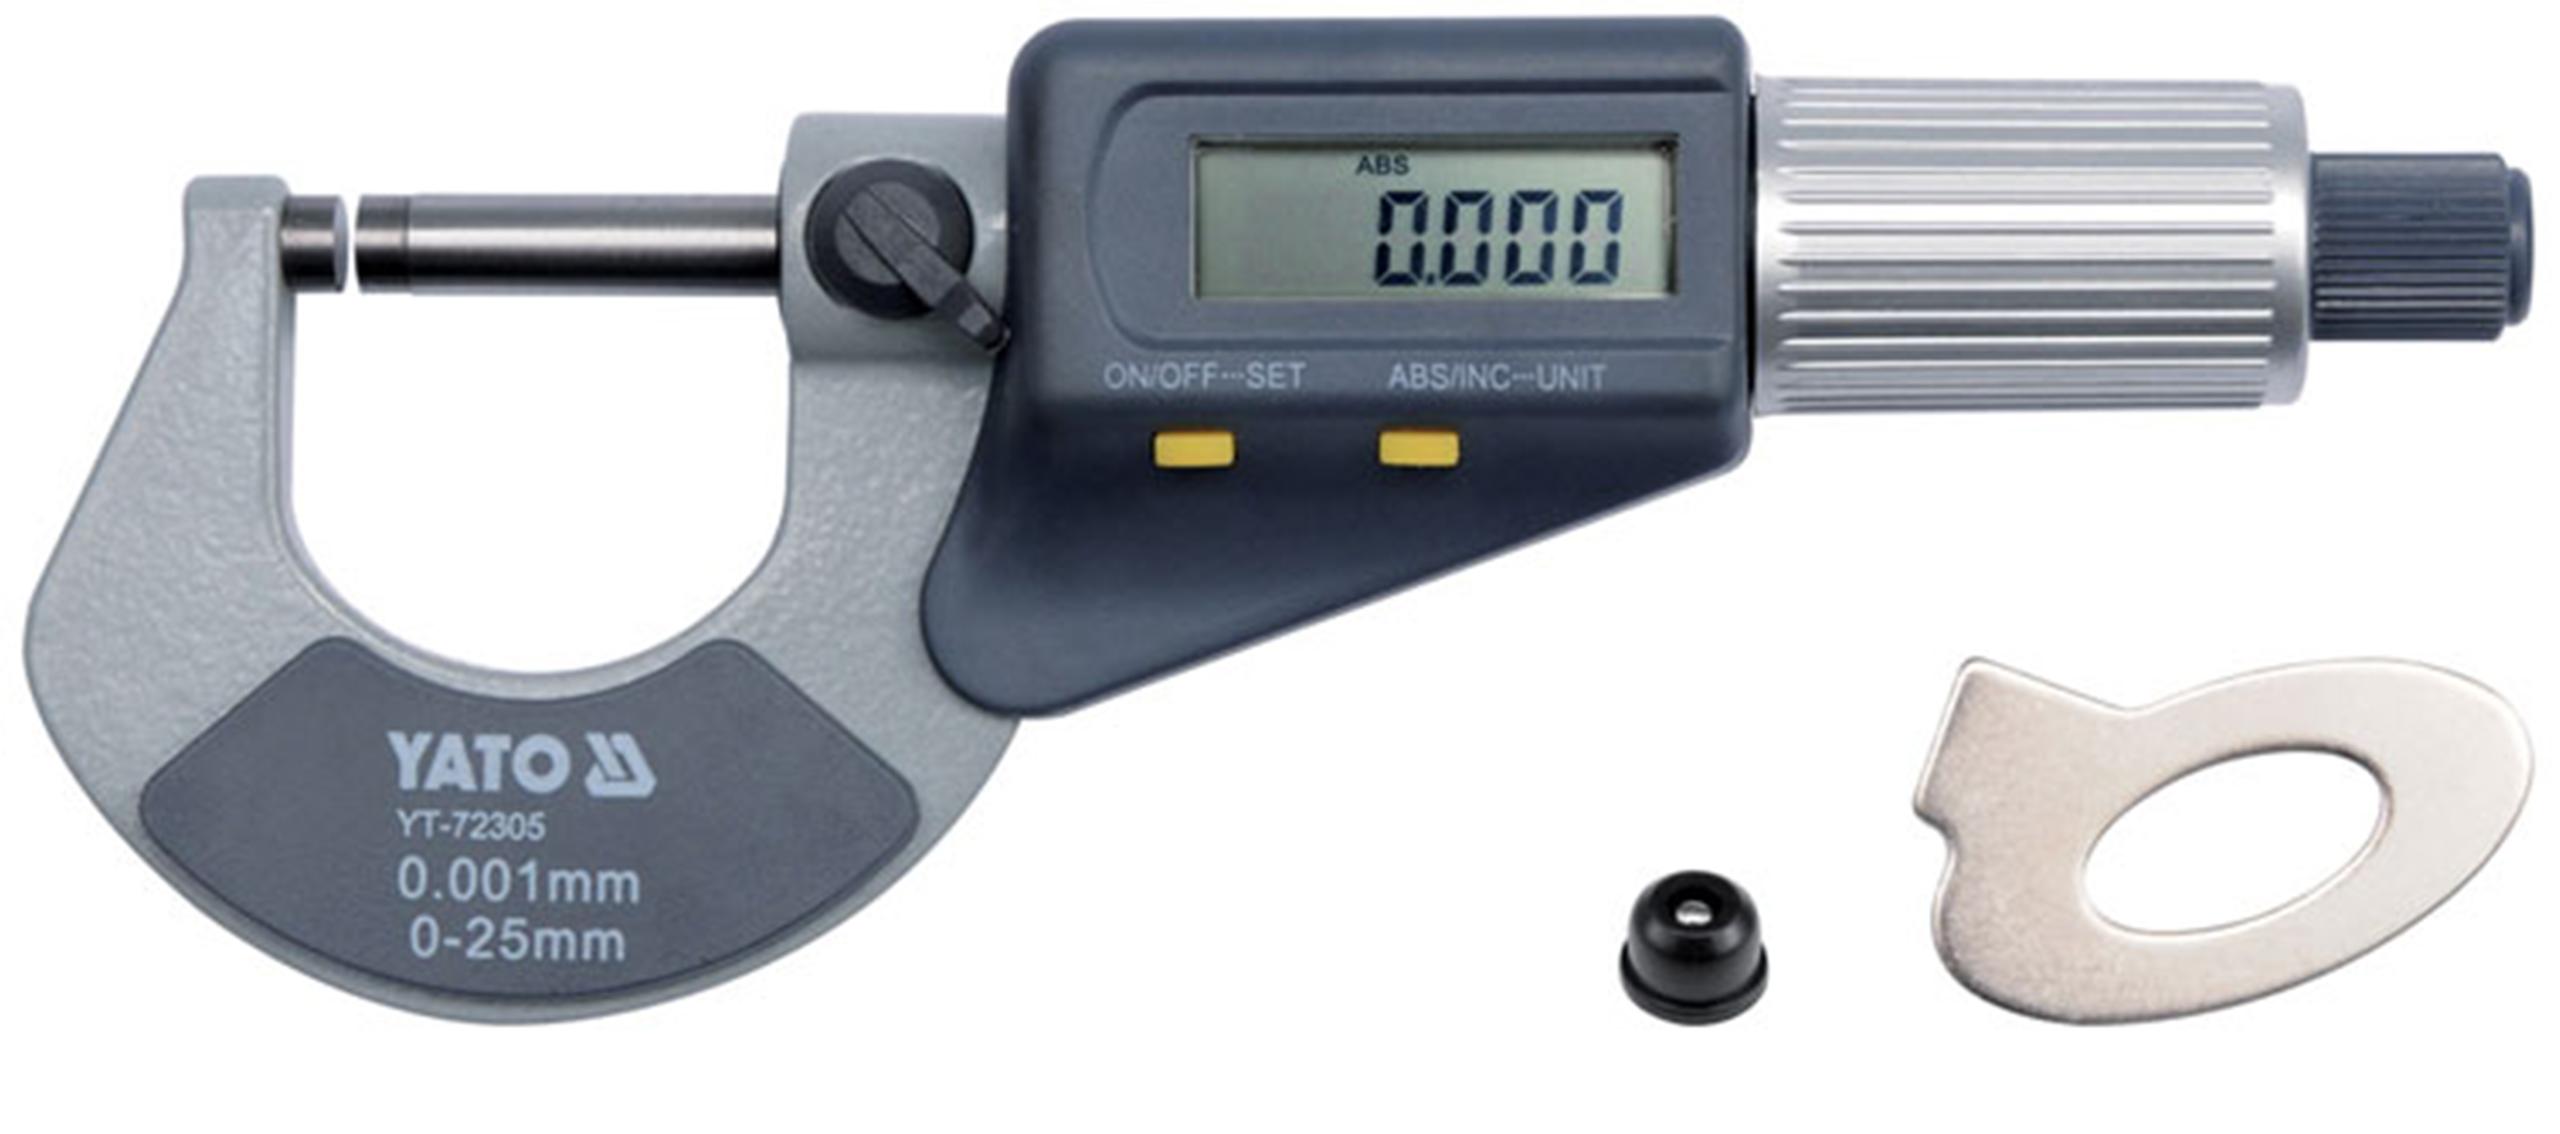 Mikrometr elektroniczny 0-25mm cyfrowy LCD YATO